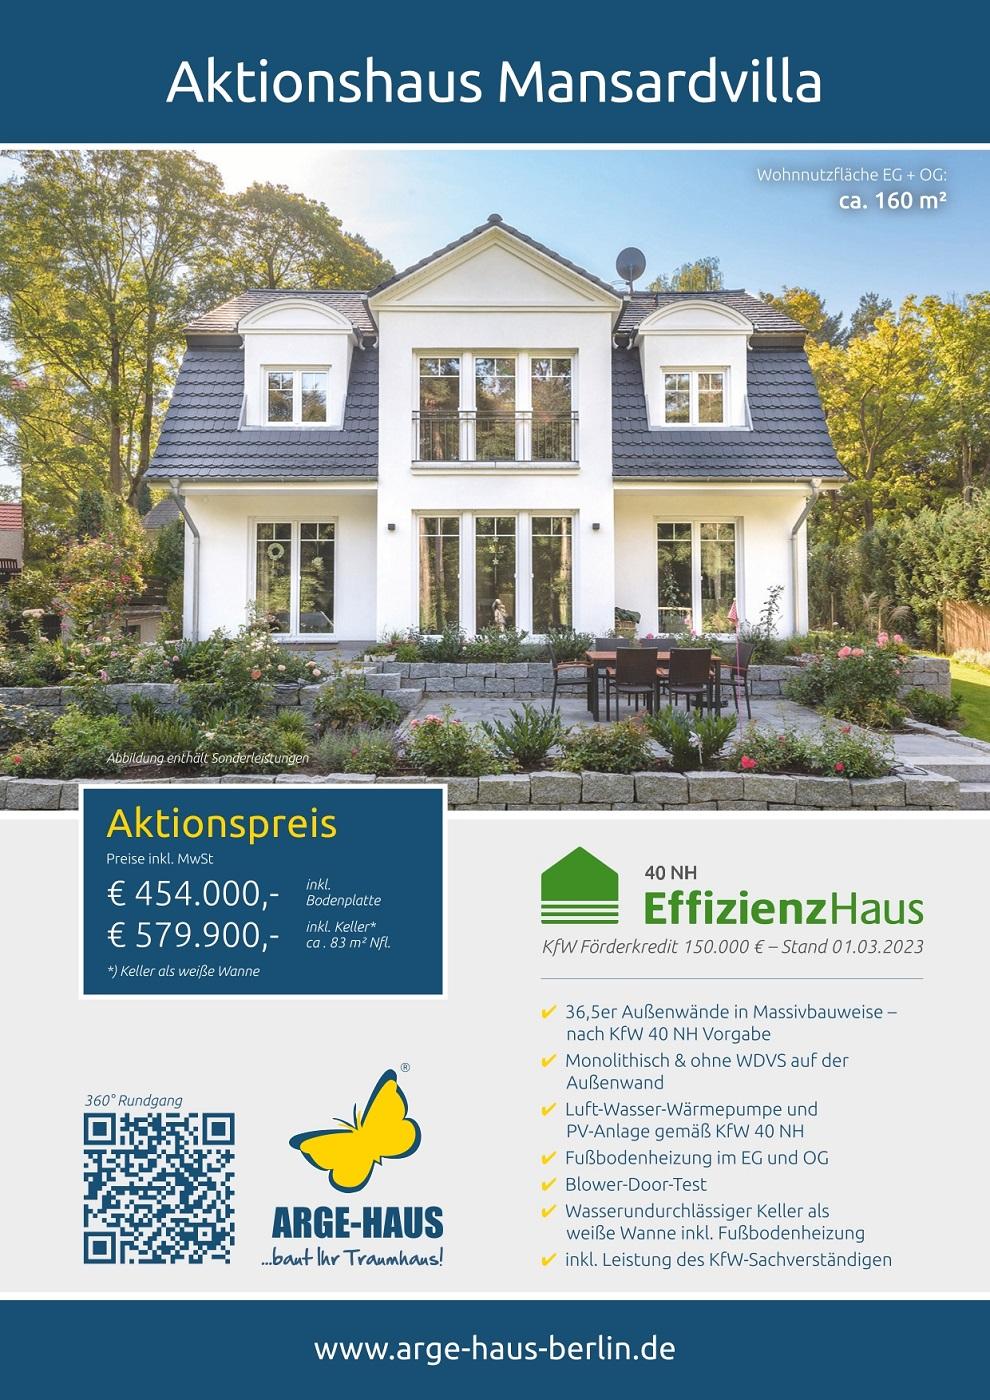 aktionshaus-mansardvilla-1